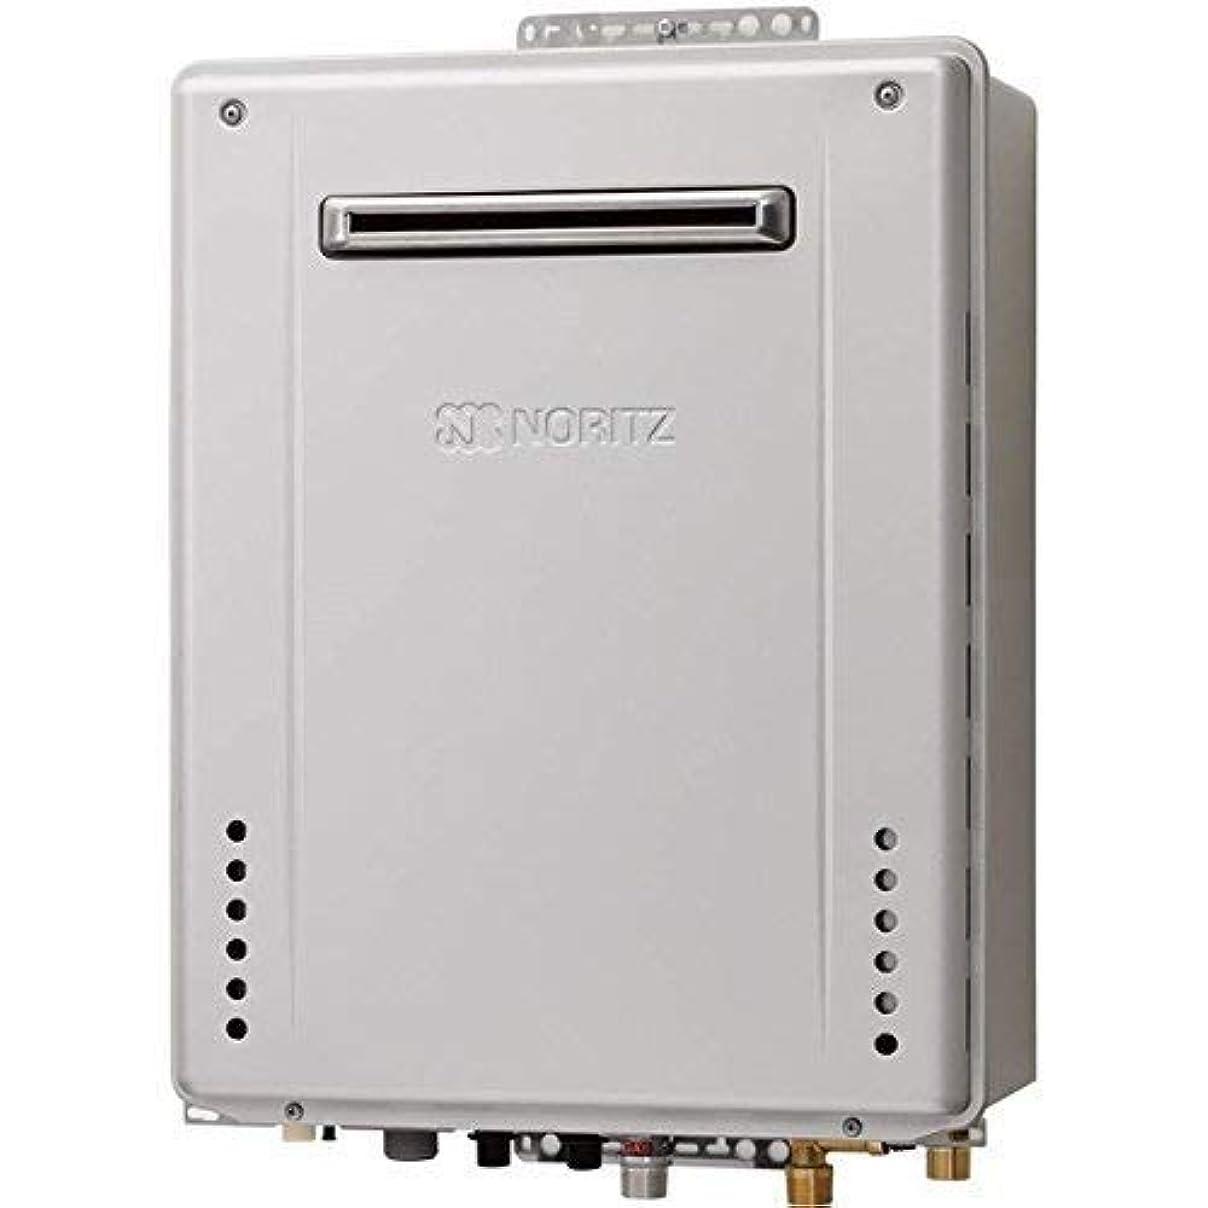 チューリップ誤大きさノーリツ ガス給湯器 エコジョーズ 24号 フルオート GT-C2462AWX BL LP LPG プロパンガス 屋外壁掛 設置フリー マルチリモコンセット RC-G001E